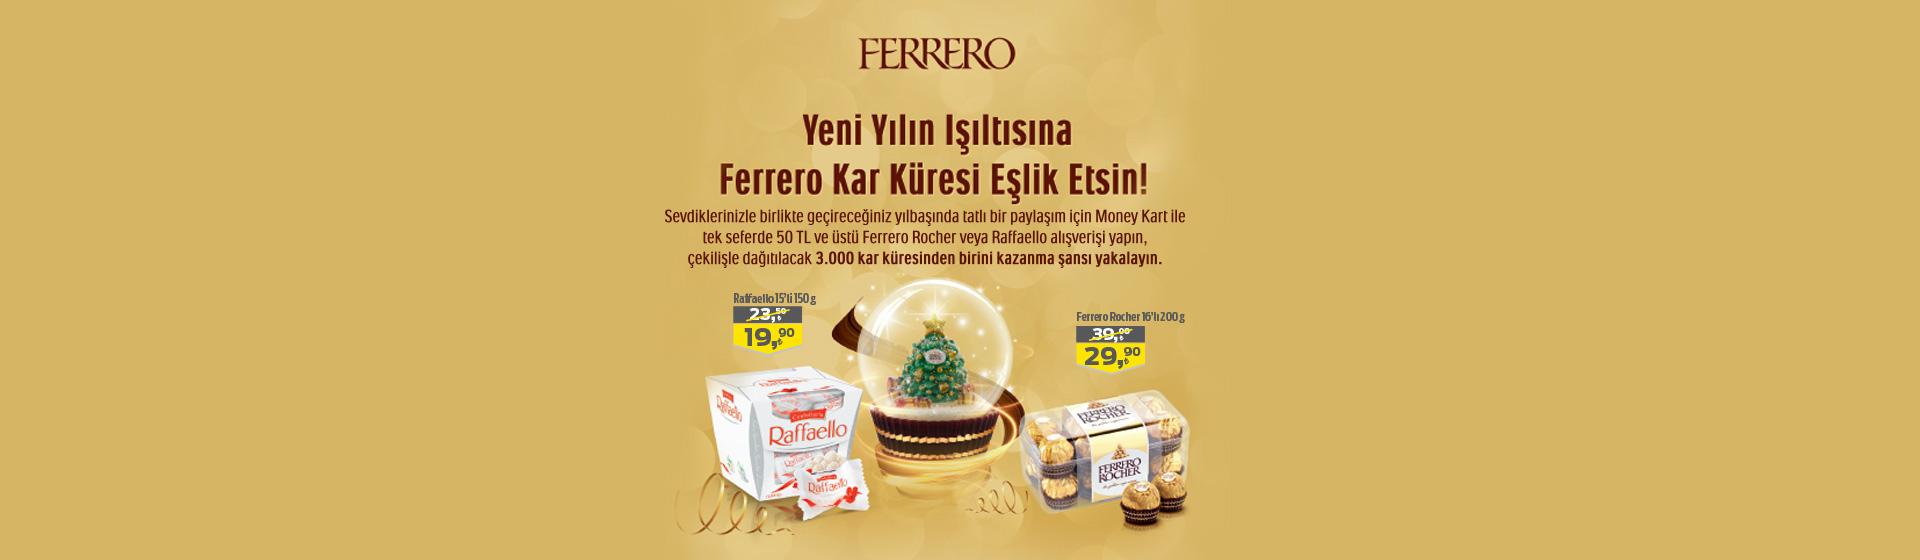 Ferrero Çekiliş Kampanyası